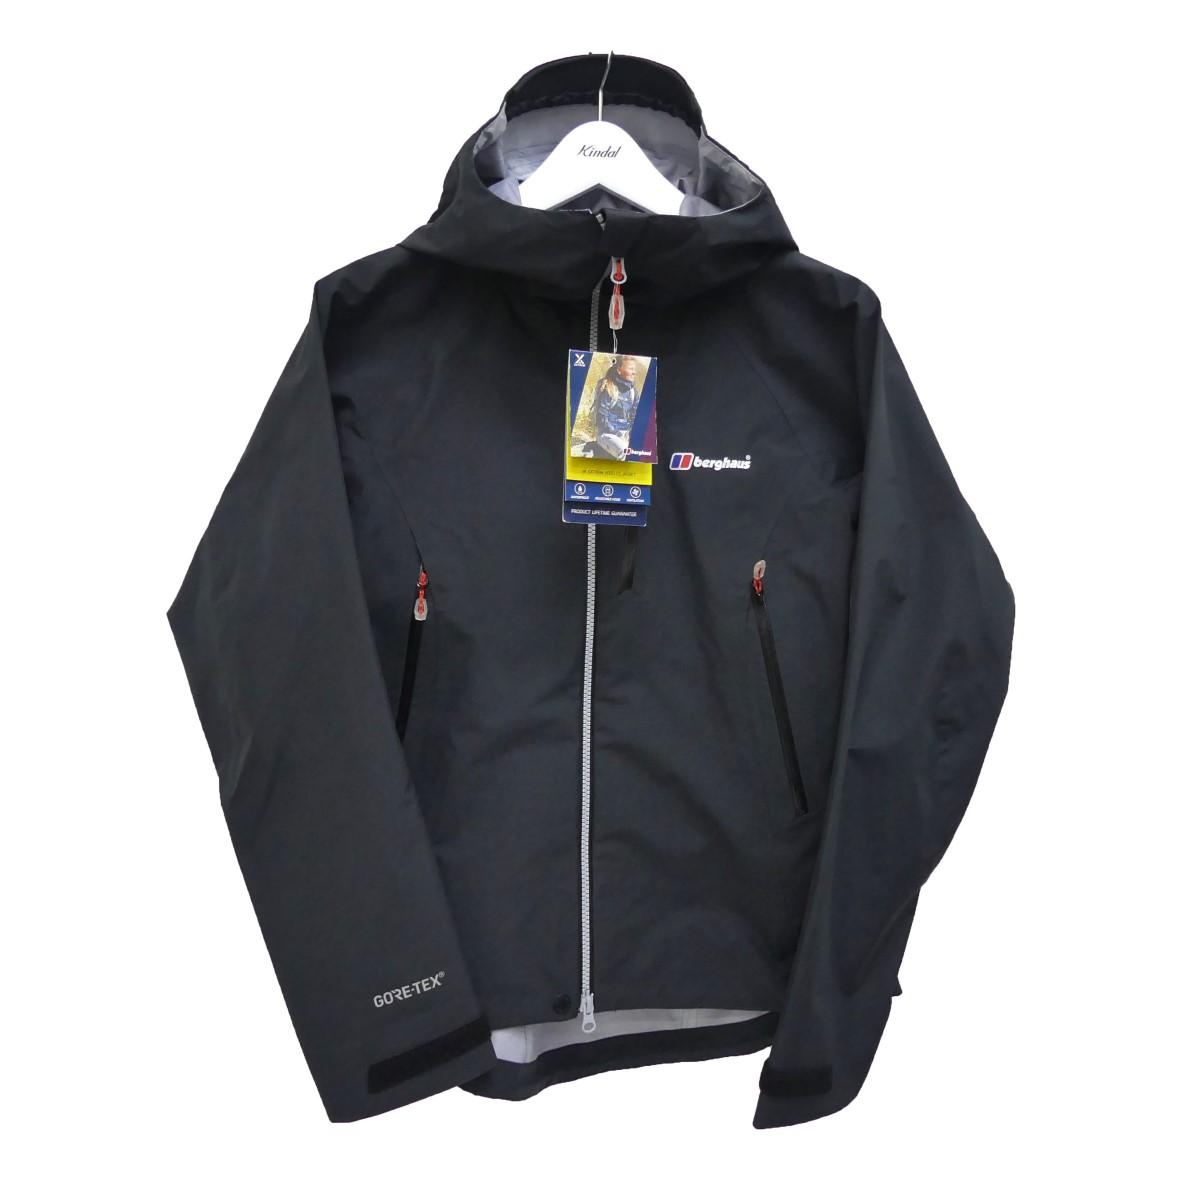 【中古】berghaus EXTREM 5000 PZ JACKET エクストレムジャケット ブラック サイズ:S 【250620】(バーグハウス)